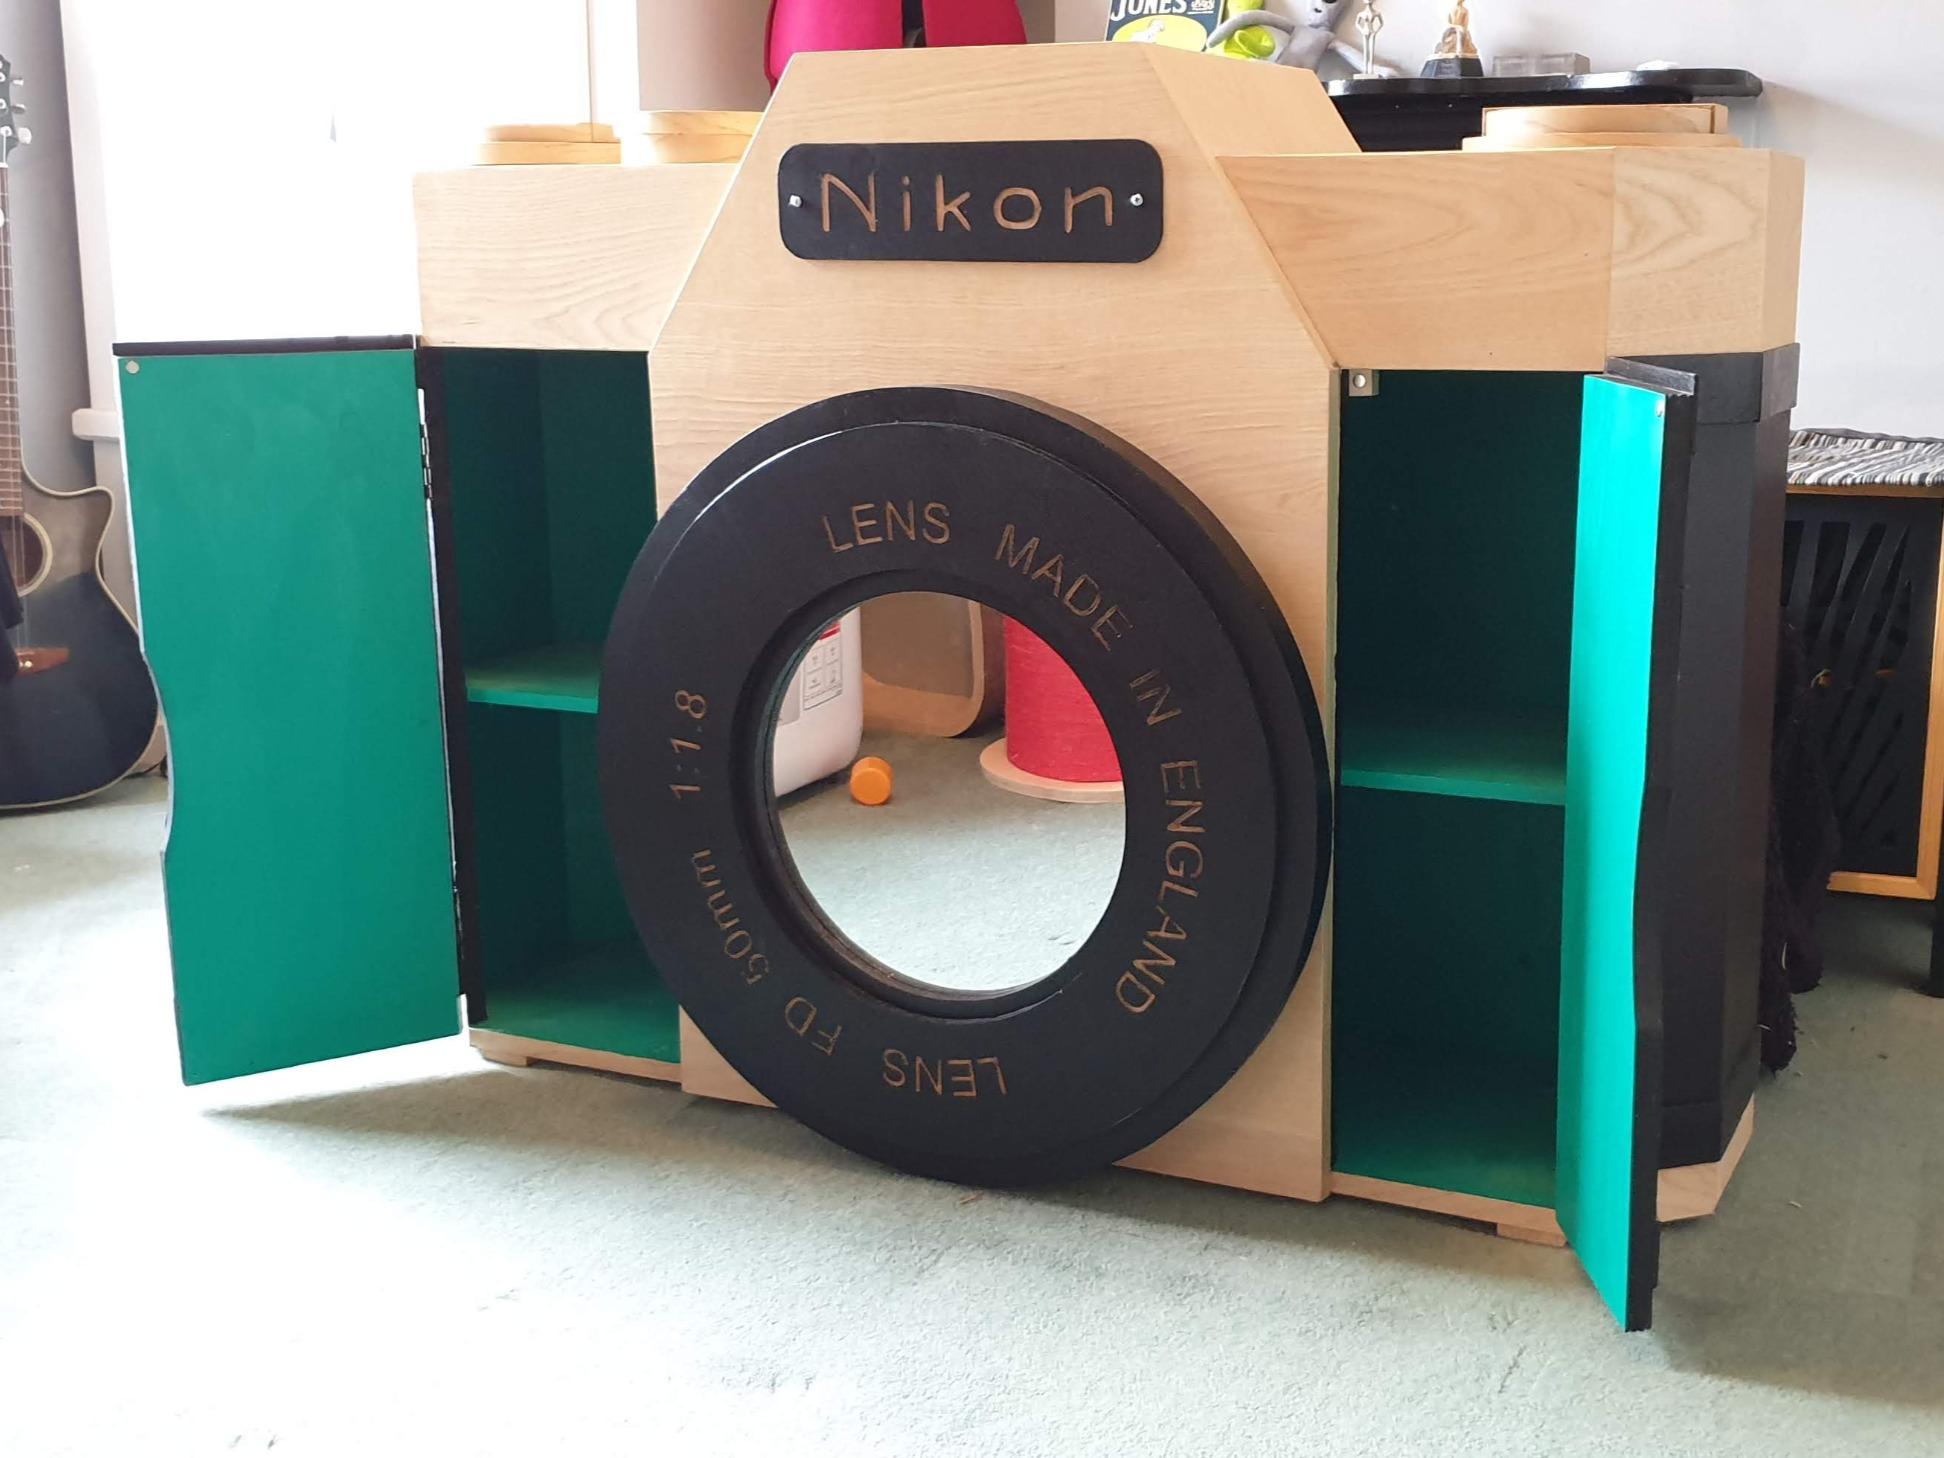 Camera cupboard